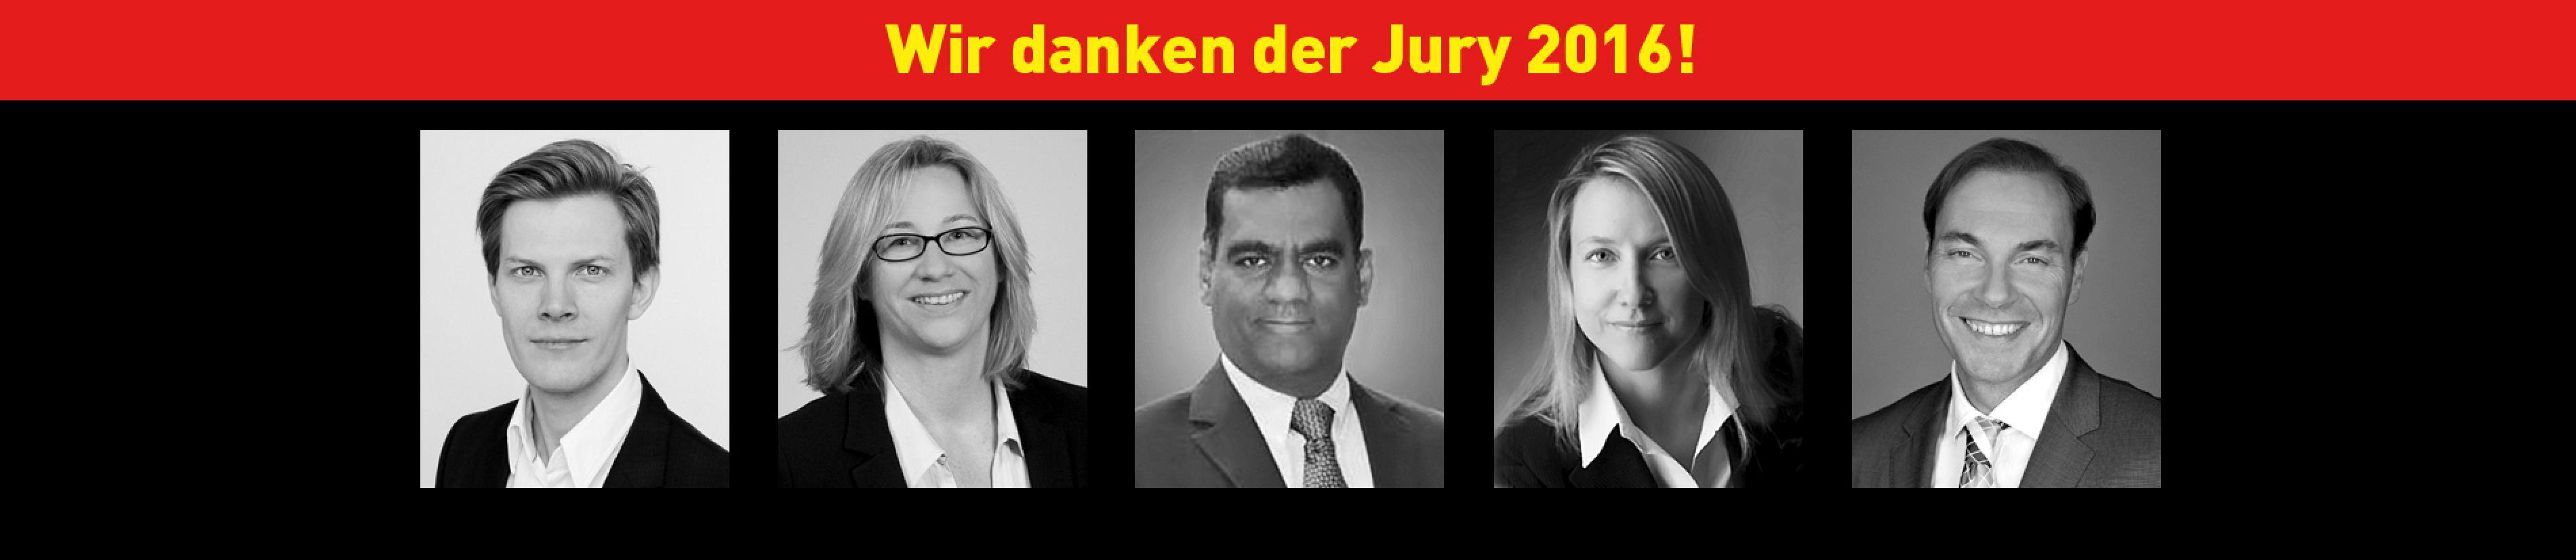 2016 Jury